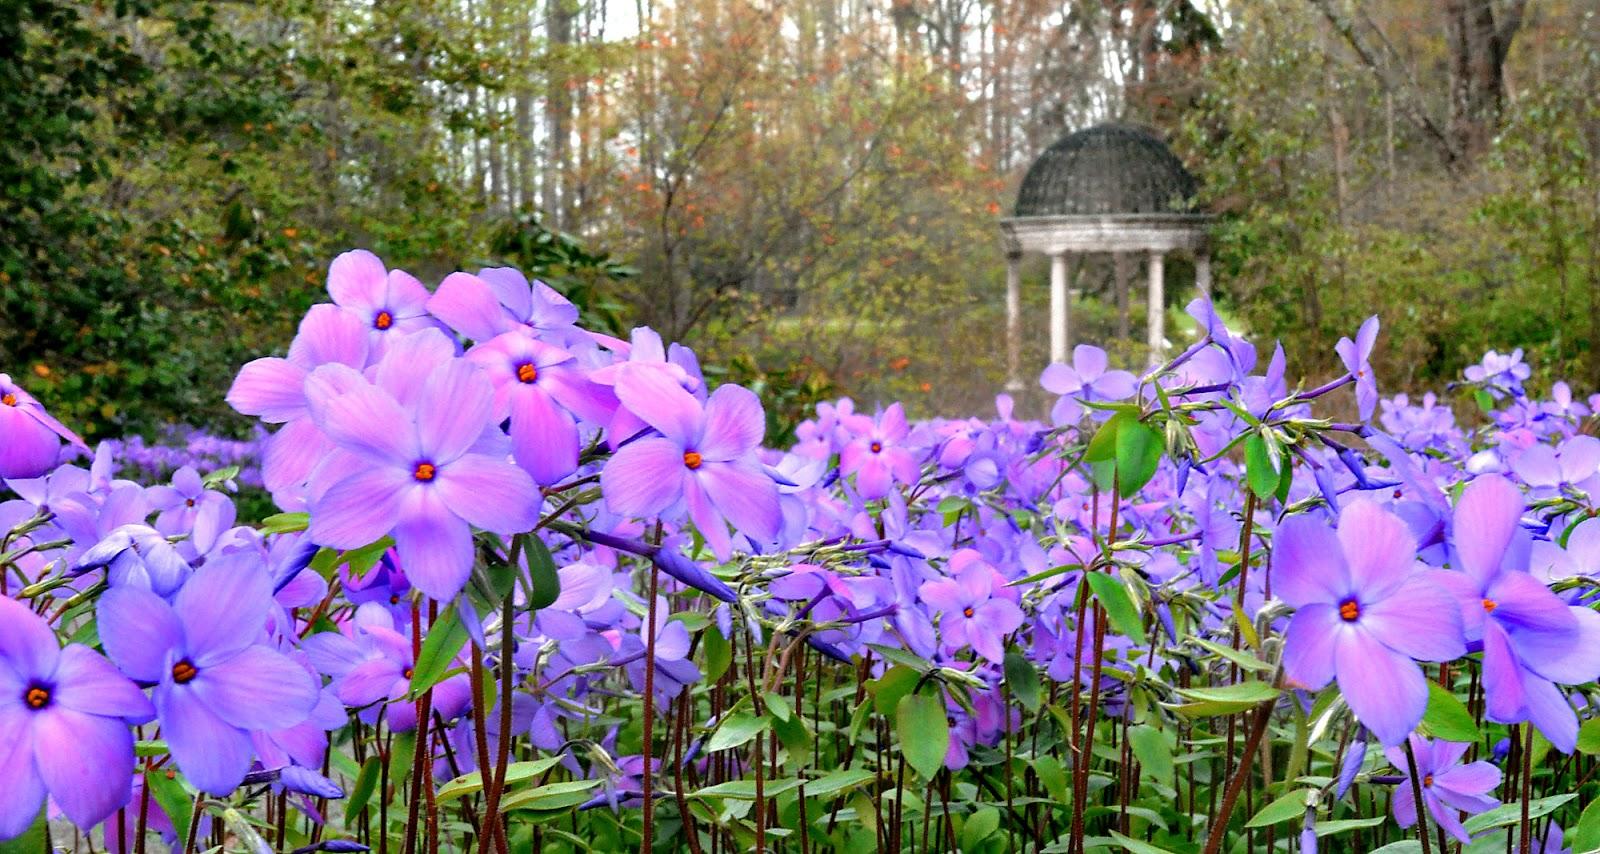 Longwood Gardens Isnu0027t U0027justu0027 Flowers